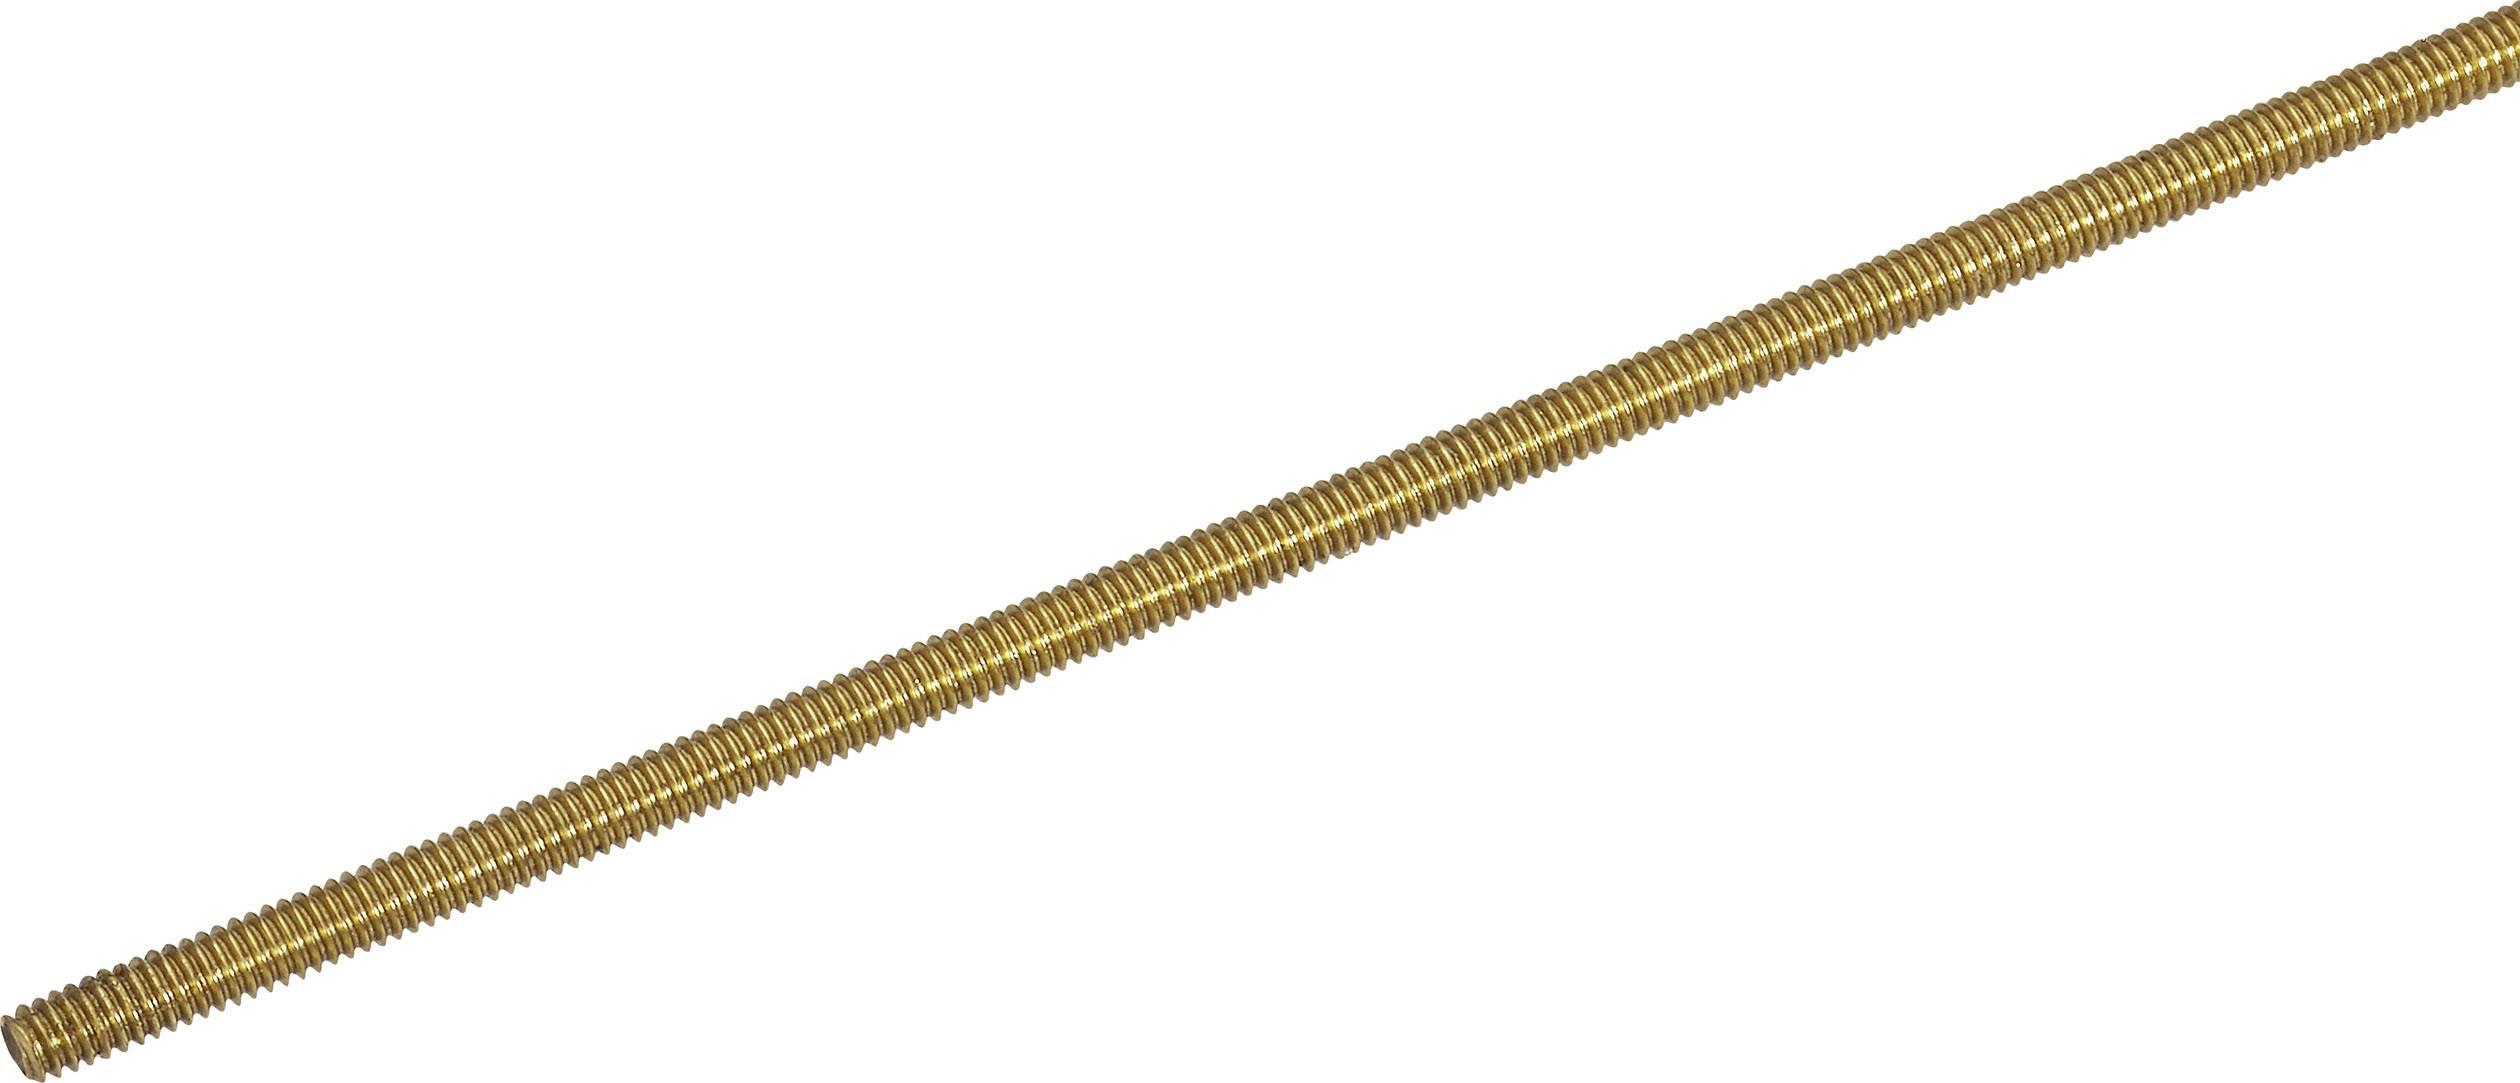 Závitová tyč Reely 297976 N/A, M2, 500 mm, mosadz, 1 ks